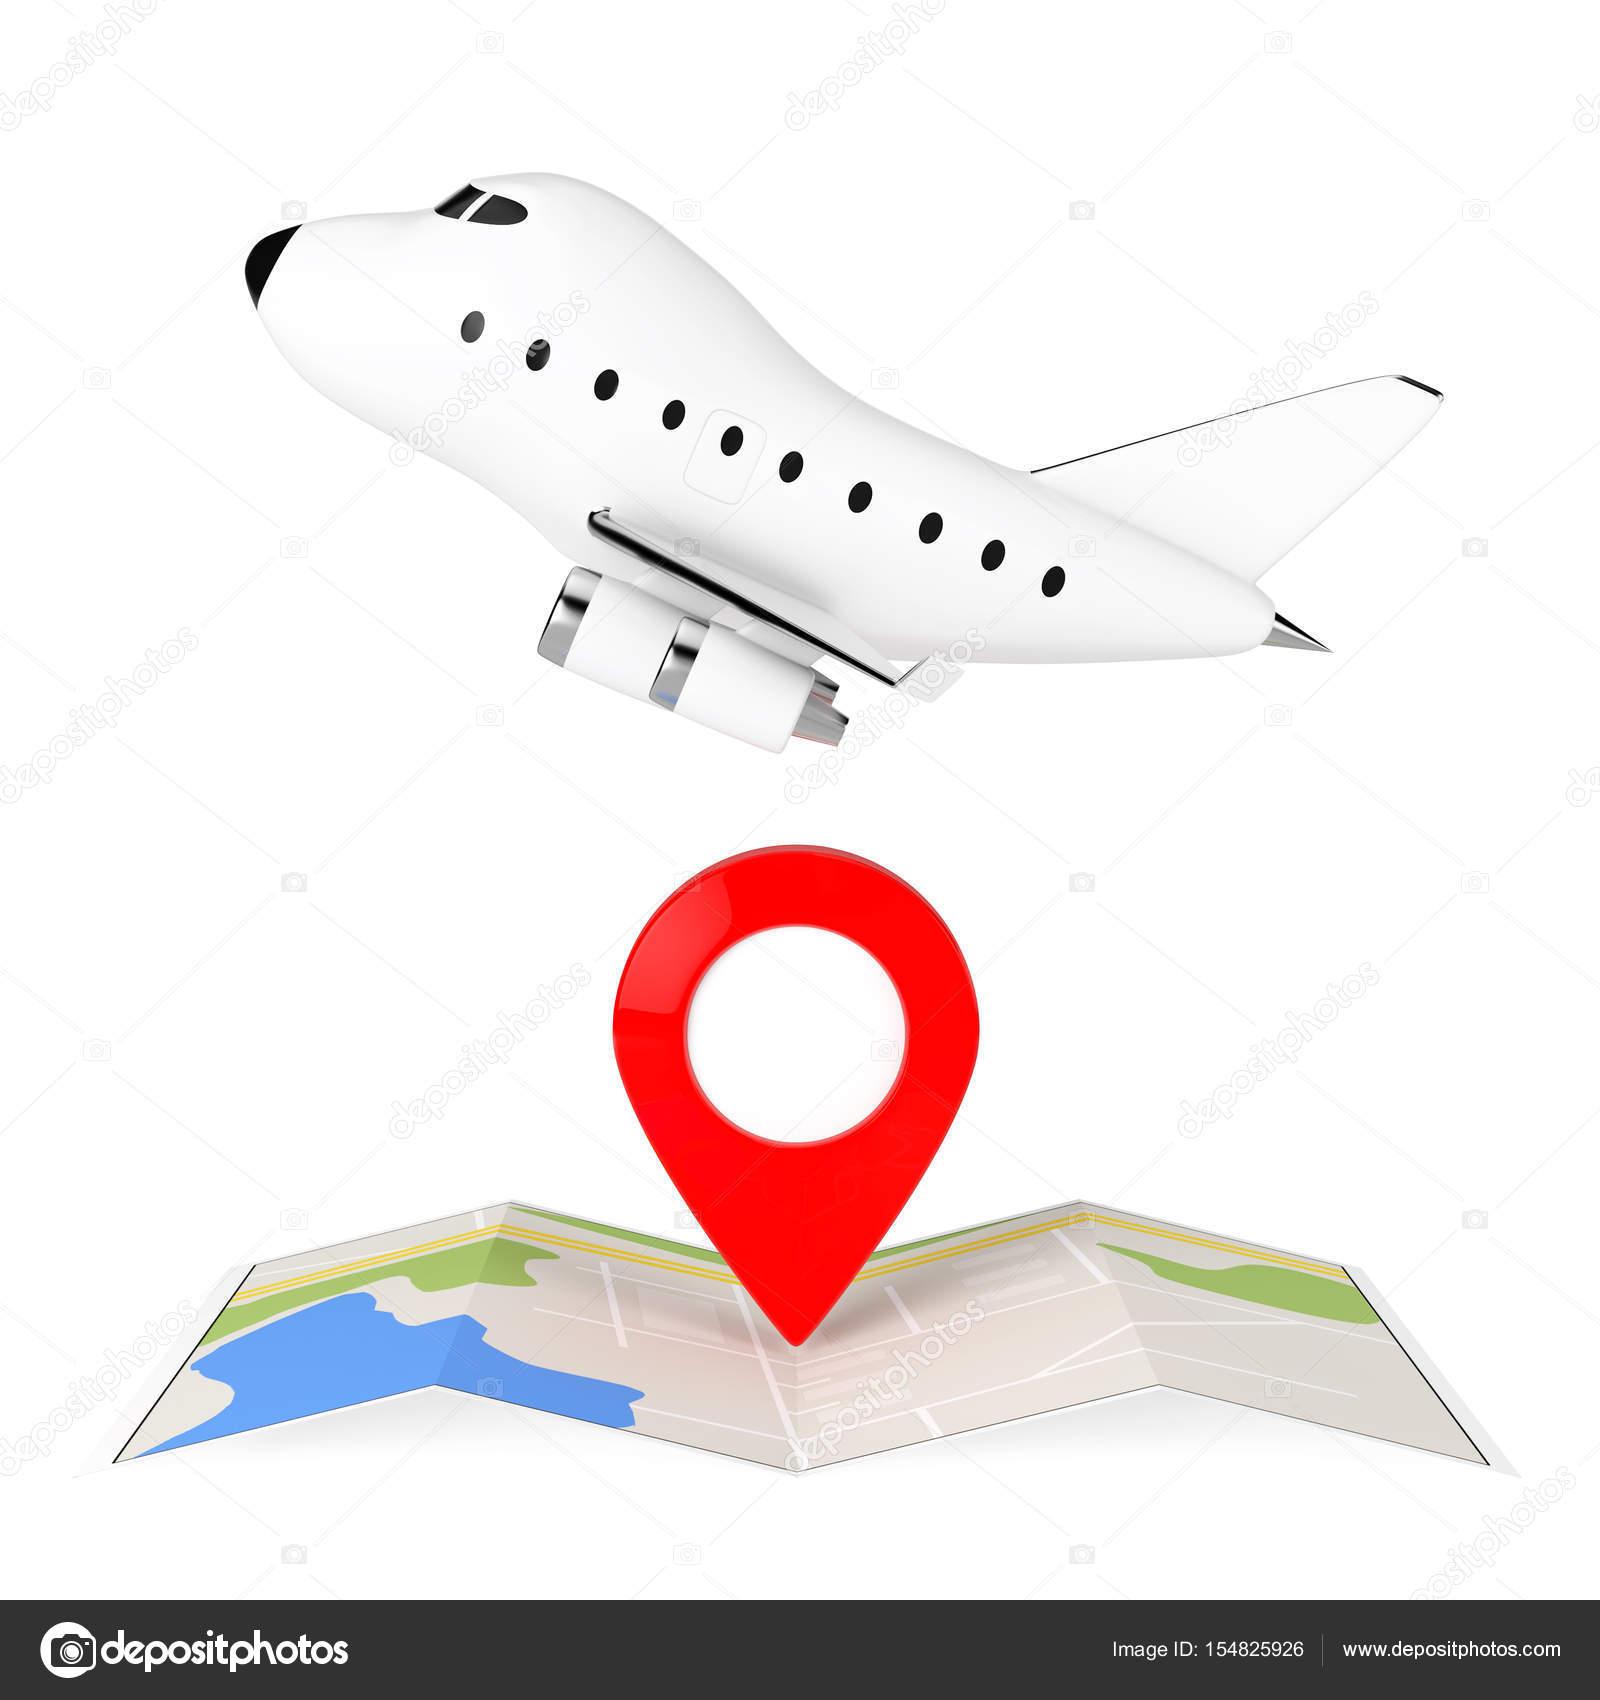 térkép-ész Rajzfilm játék Jet repülőgép át hajtogatott absztrakt navigációs